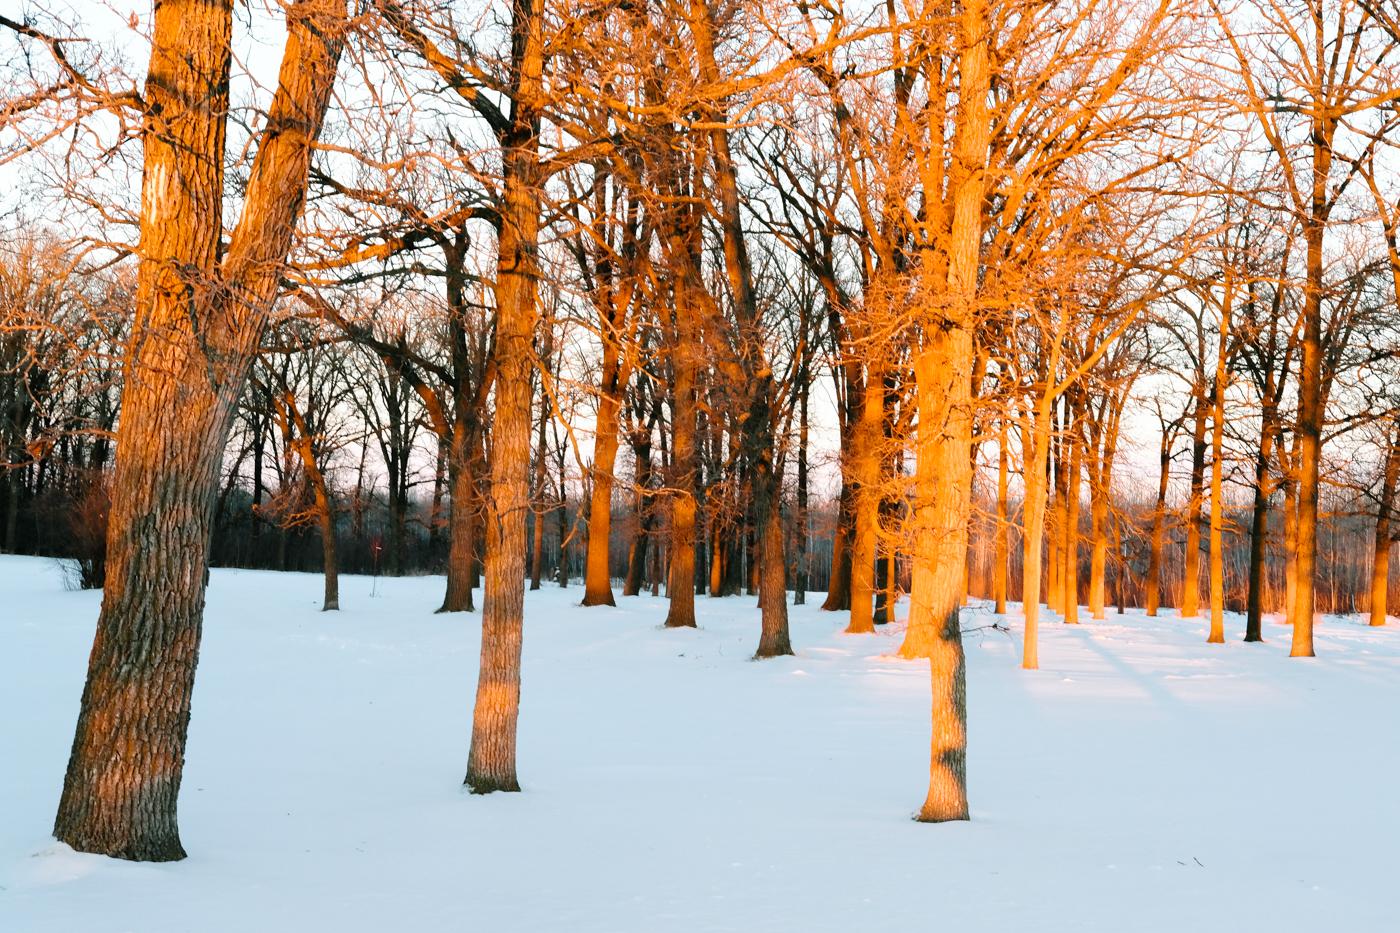 Debora Dahl winter sunset in the trees